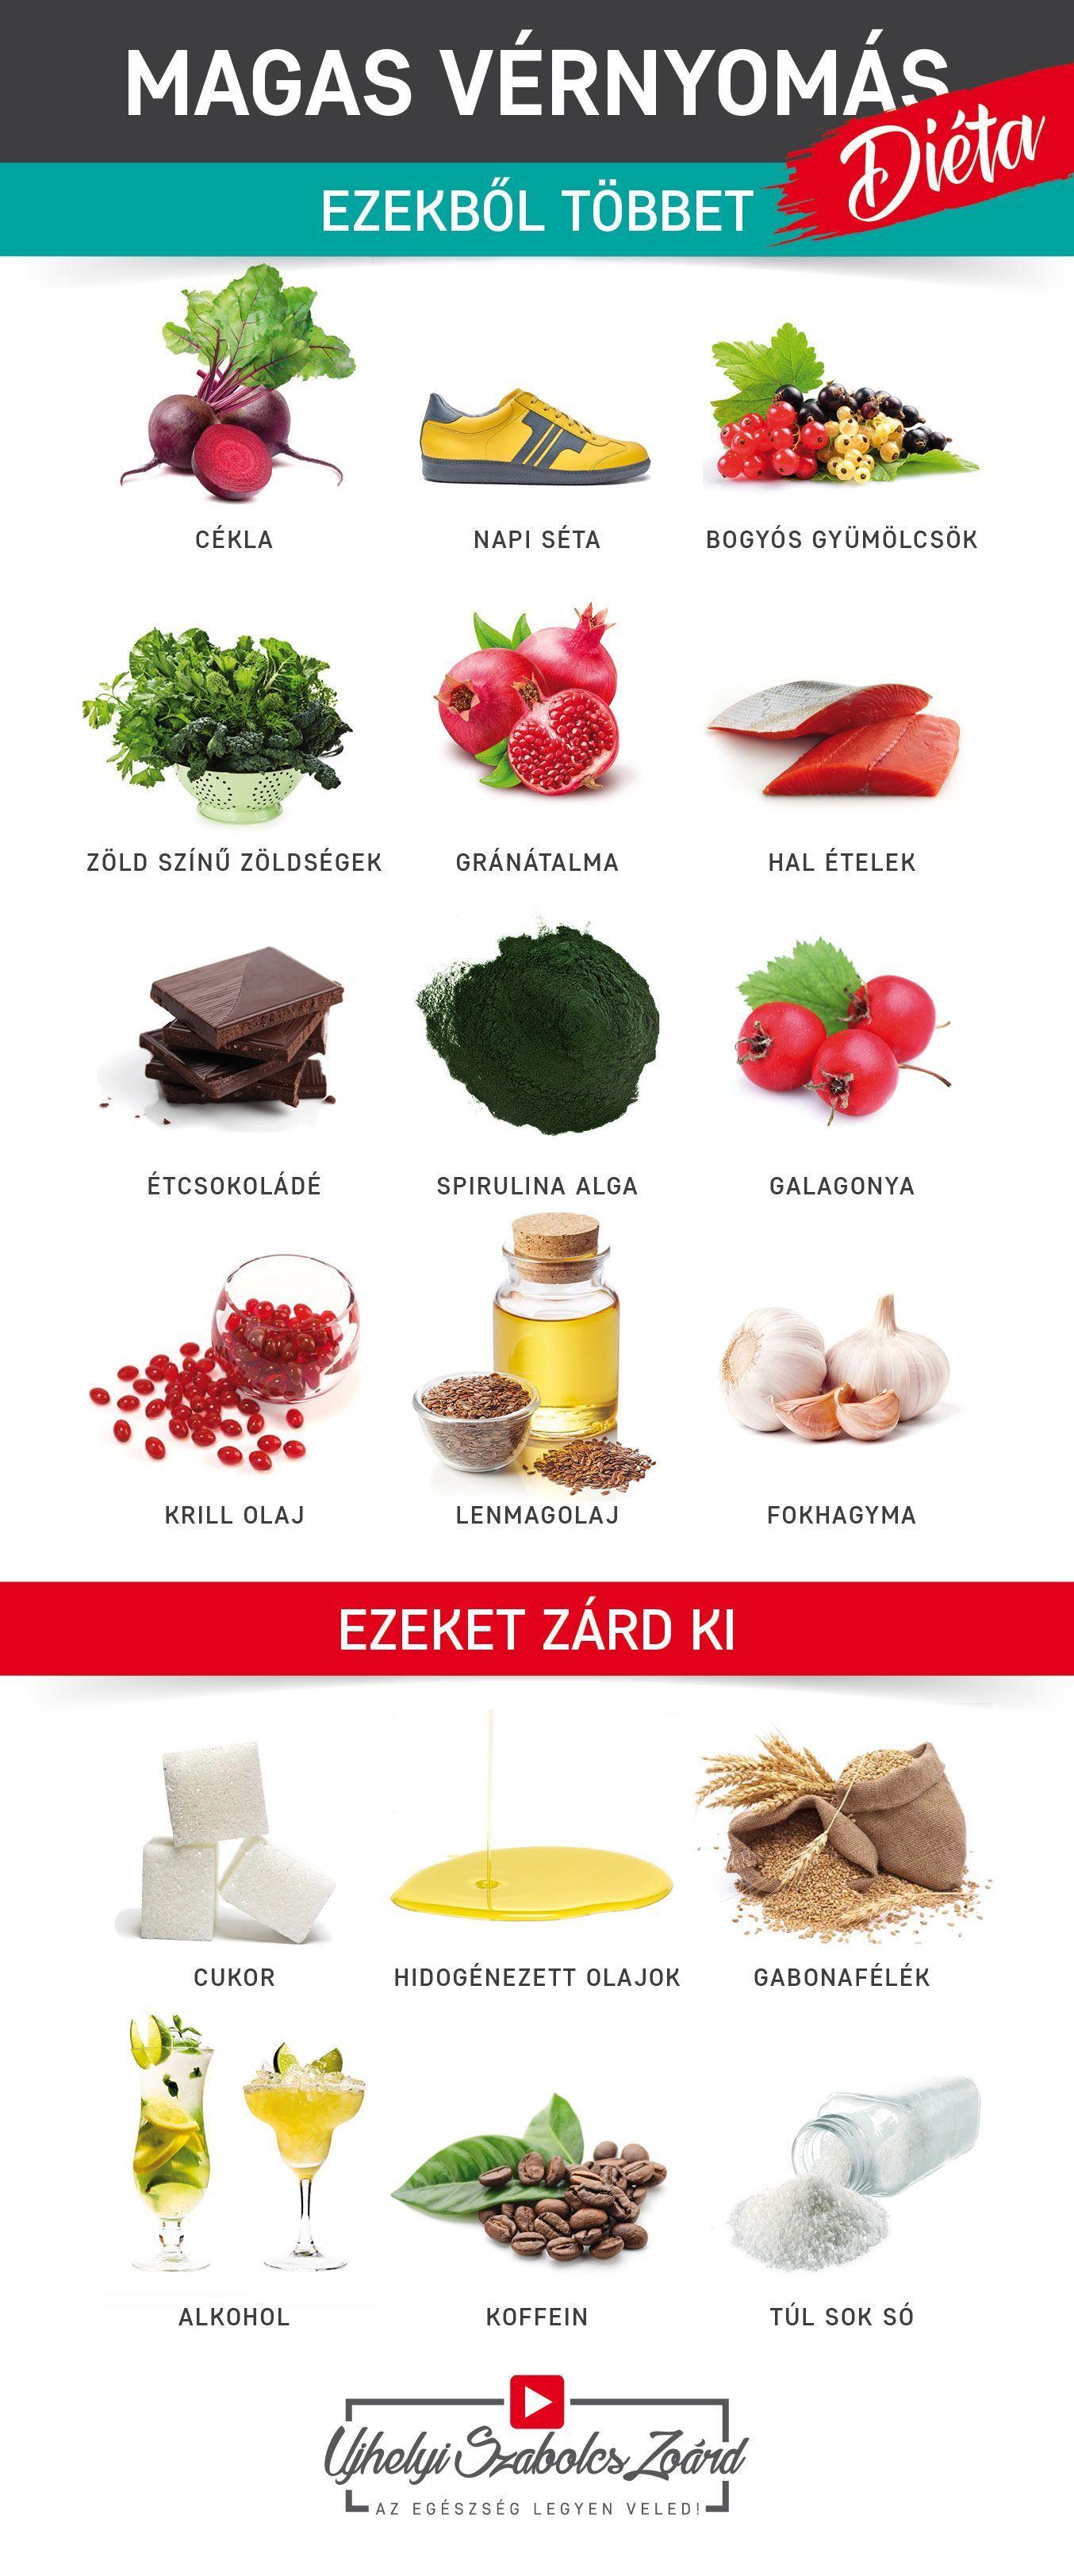 magas vérnyomás életmód étel hideg kéz magas vérnyomás